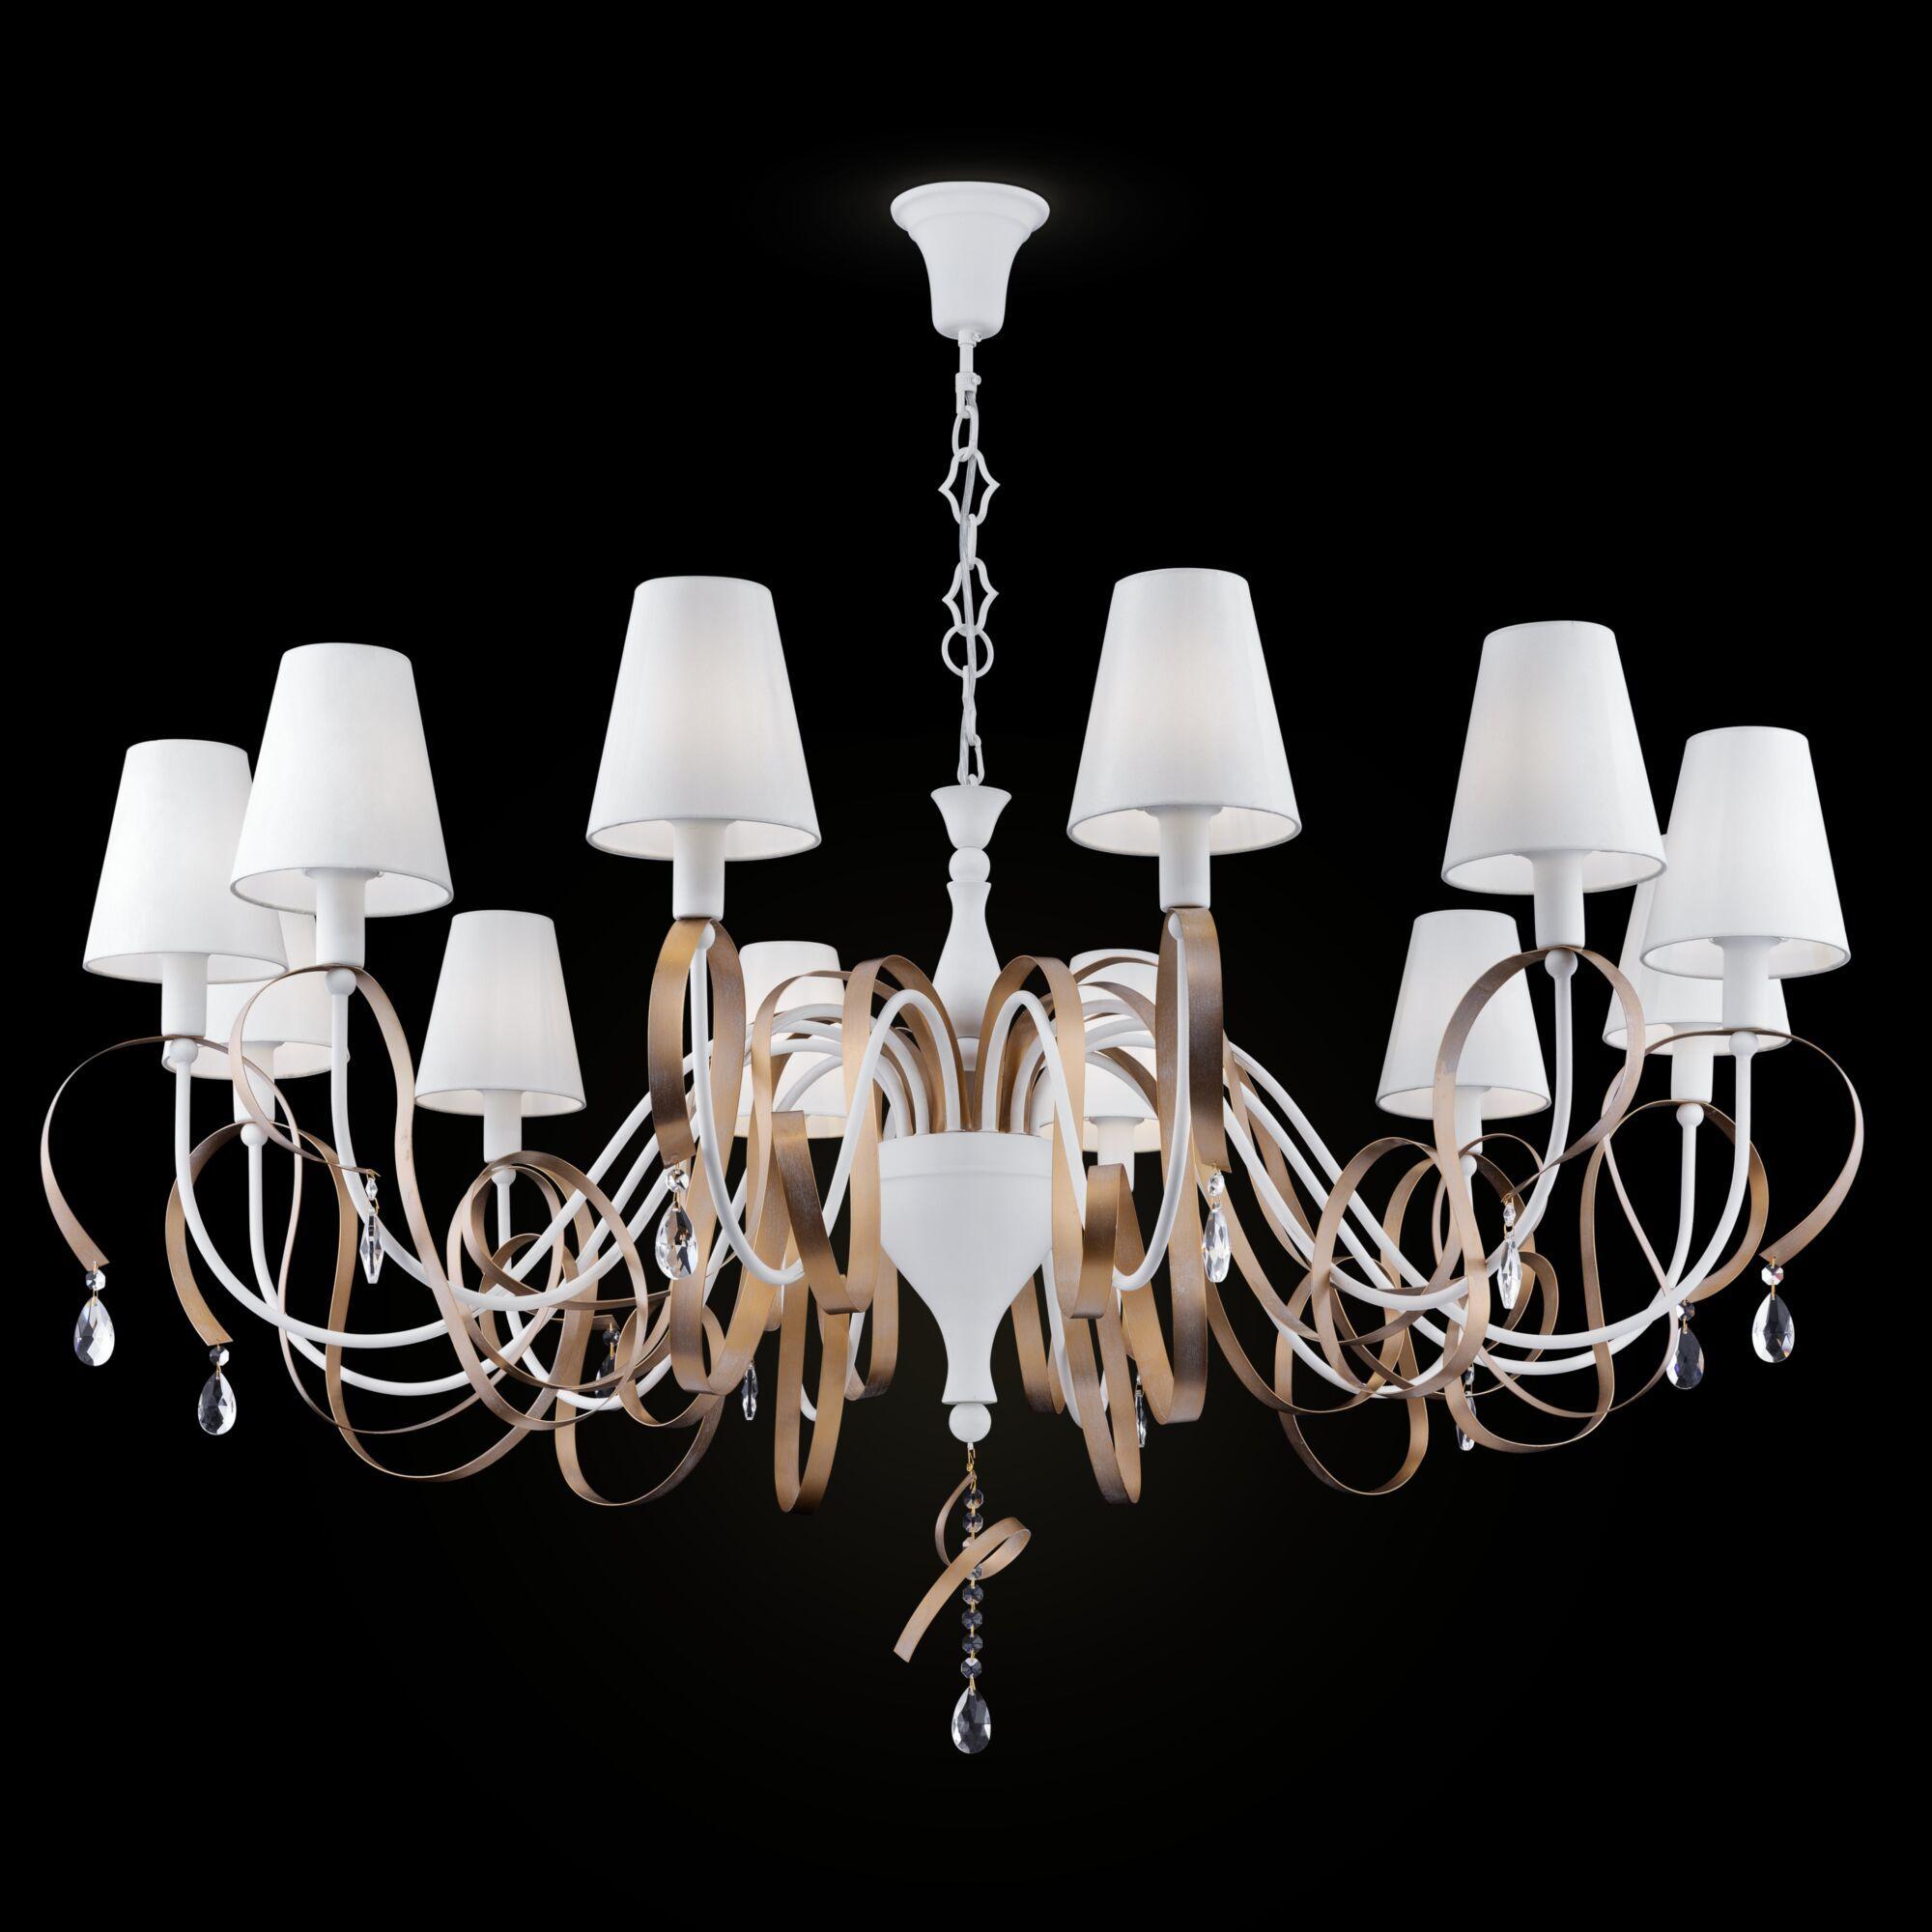 Подвесная люстра Maytoni Classic Elegant Intreccio ARM010-12-W, 12xE14x40W, белый, матовое золото, прозрачный, металл, текстиль, хрусталь - фото 2